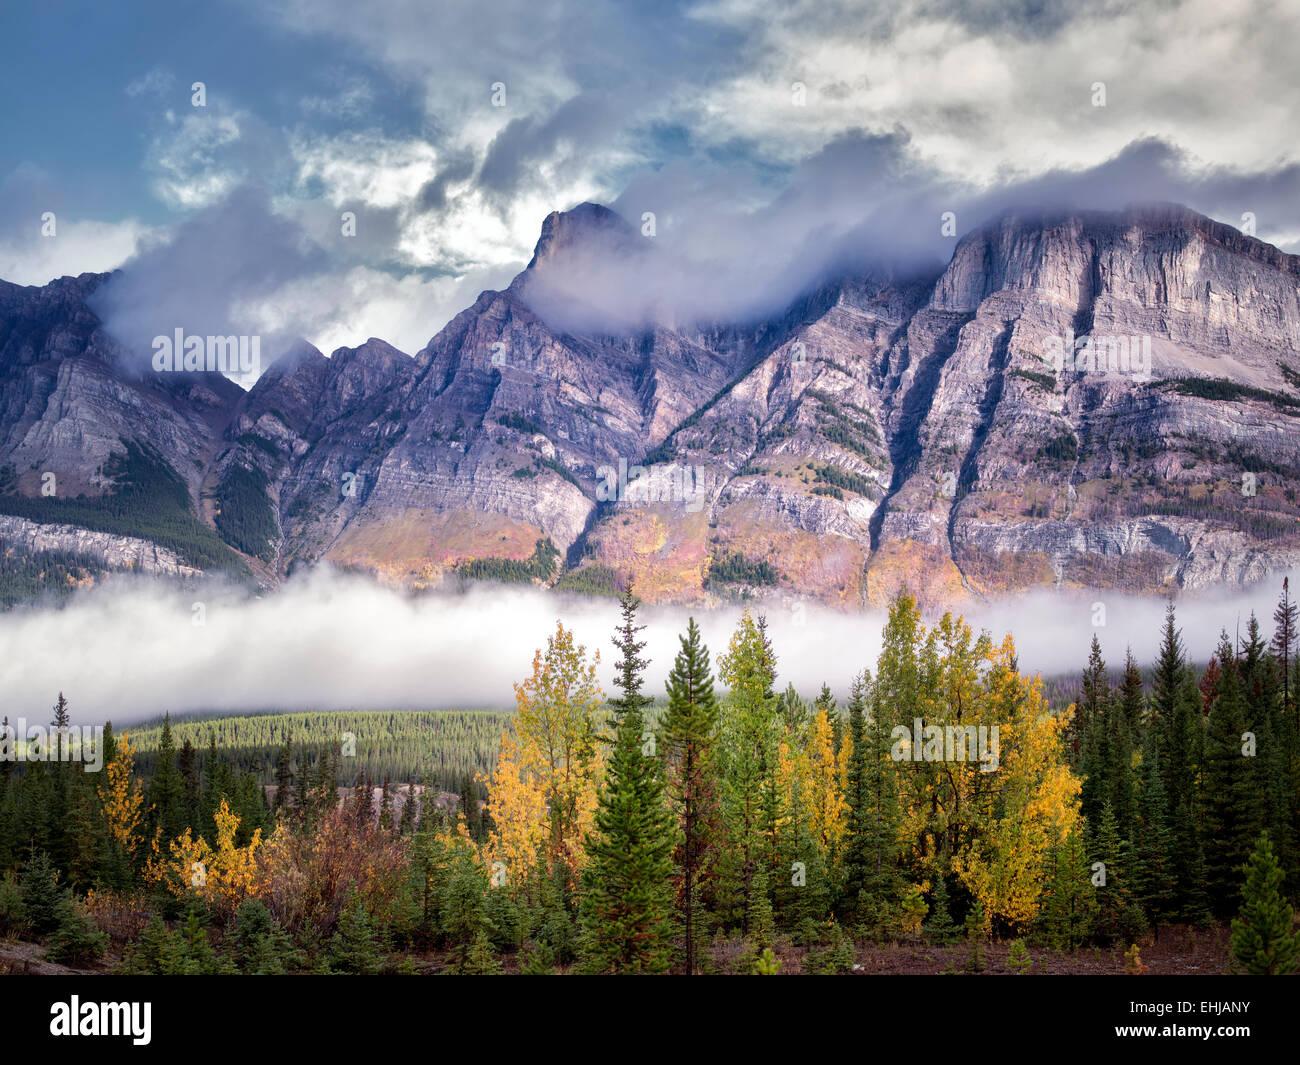 Nebel und niedrige Wolken mit Herbstfarben. Banff Nationalpark. Alberta, Kanada Stockbild